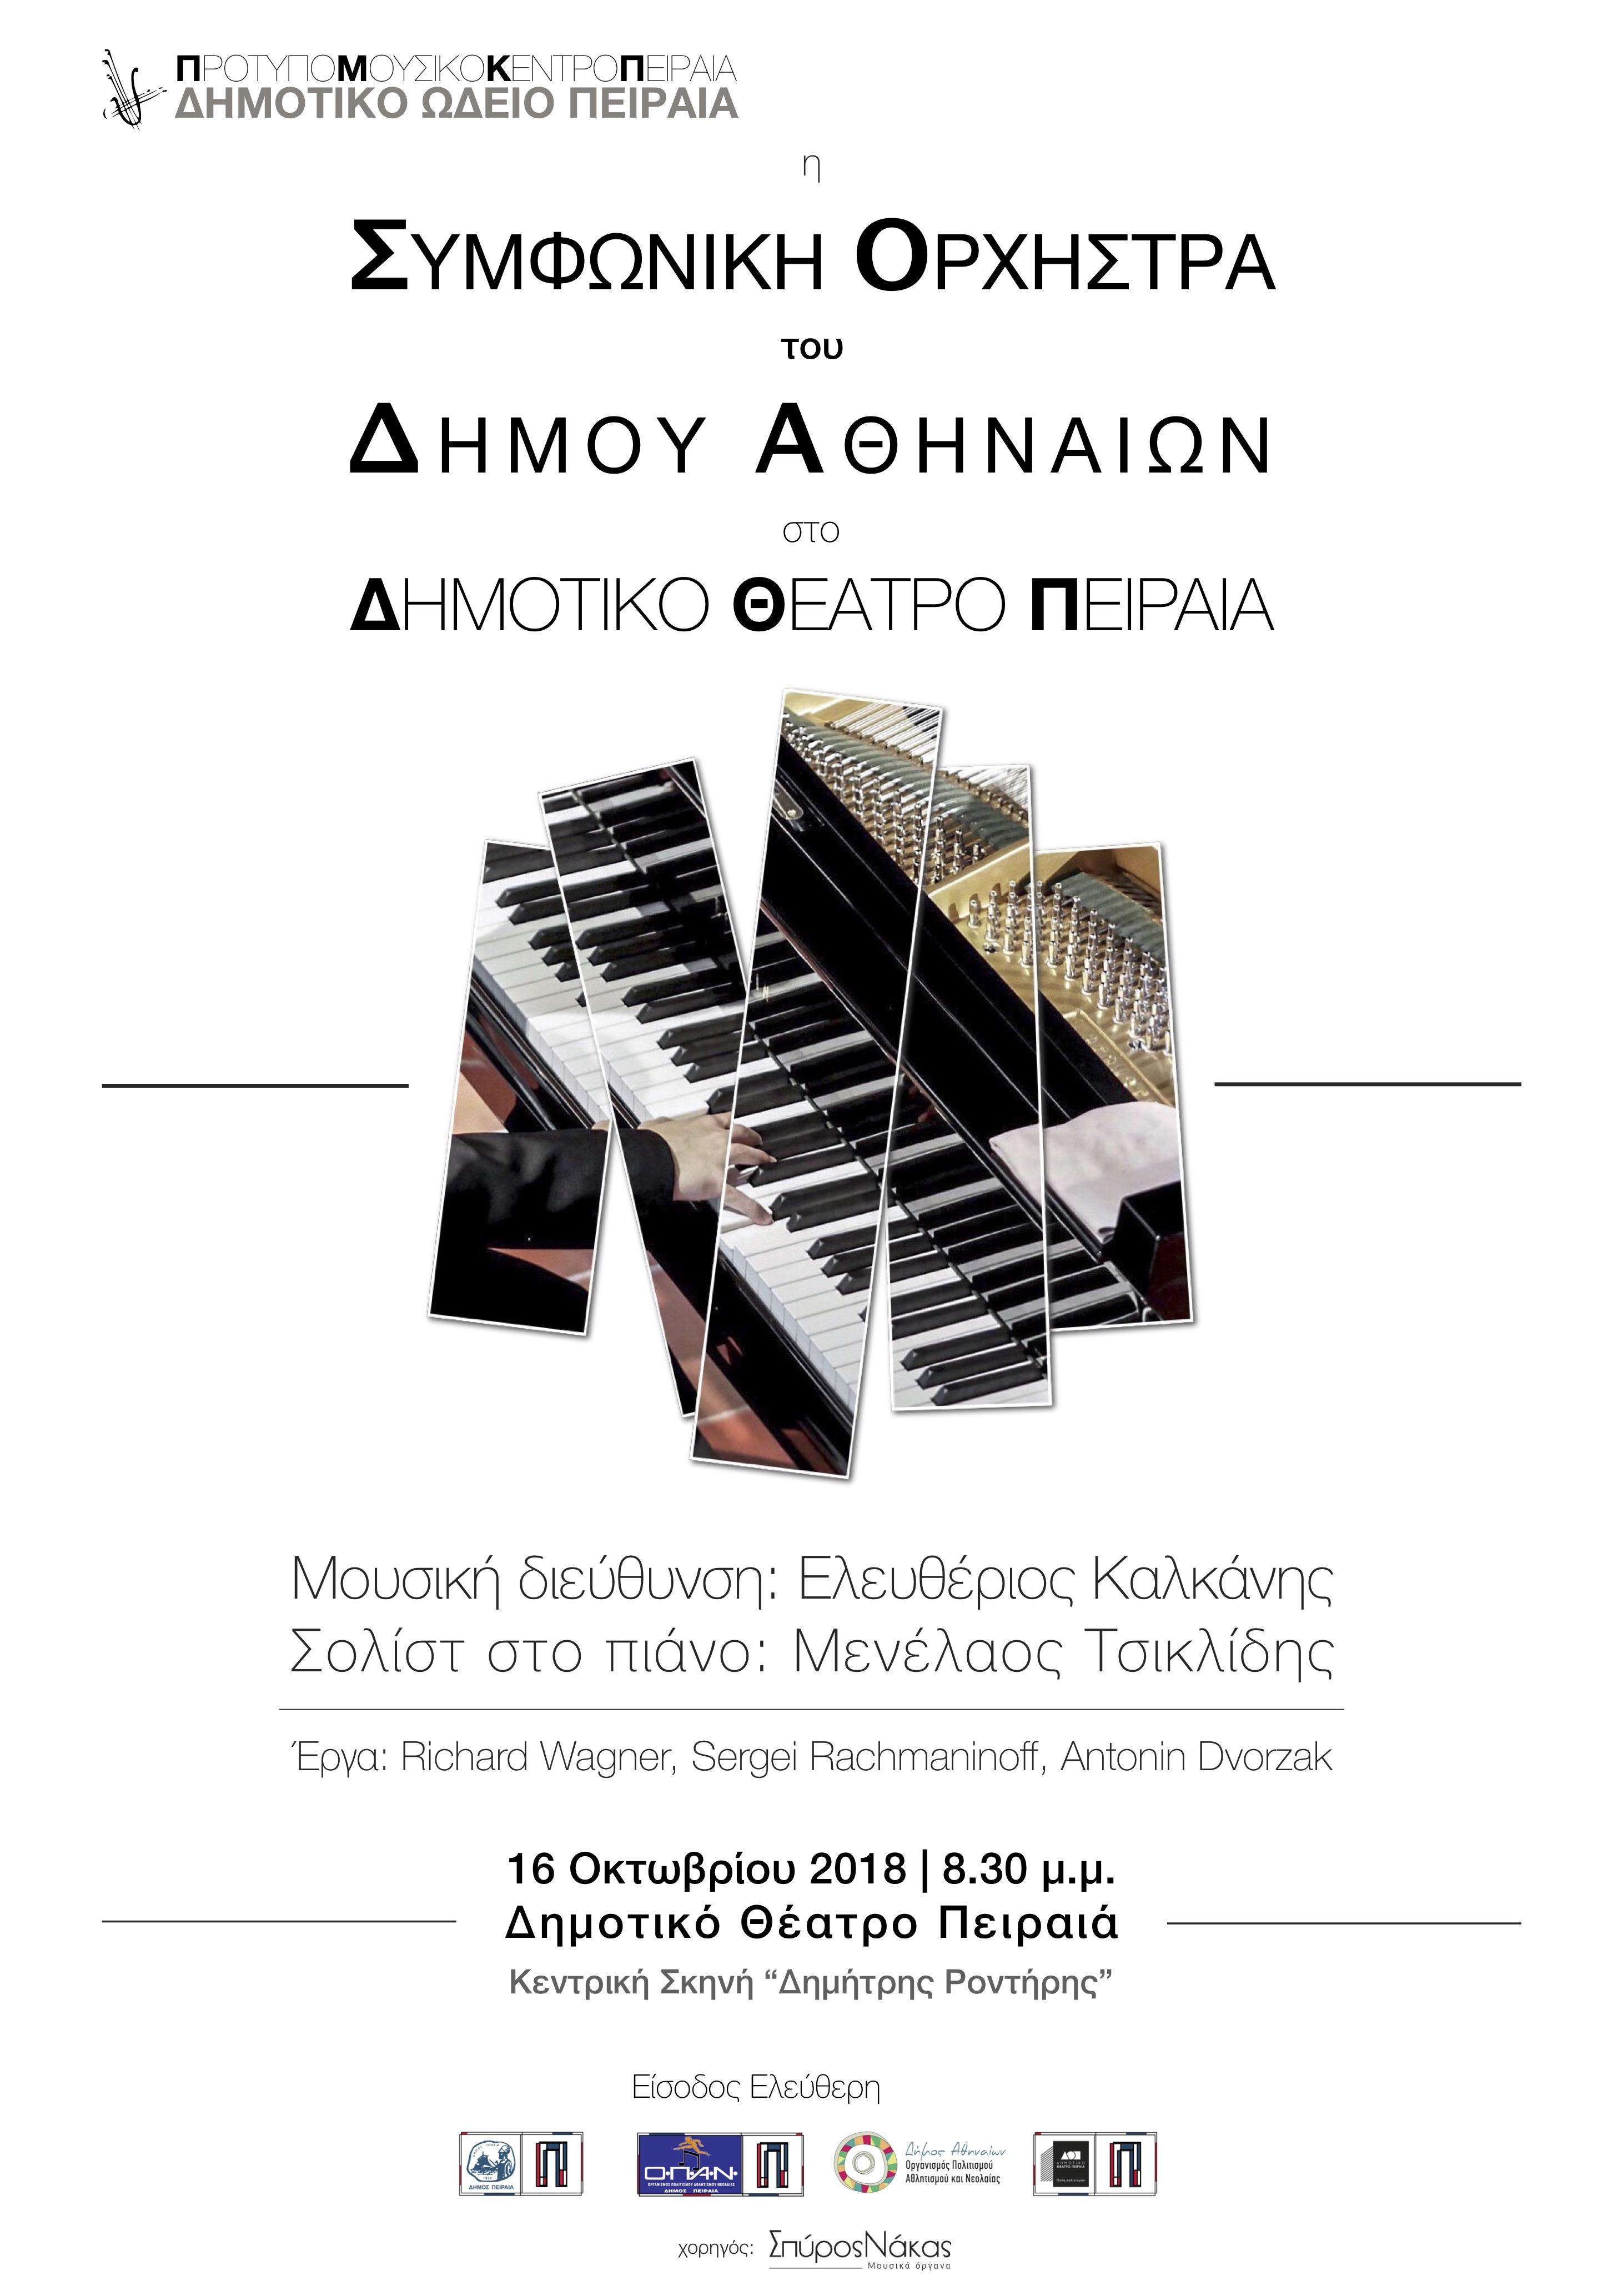 Συναυλία της Συμφωνικής Ορχήστρας του Δήμου Αθηναίων